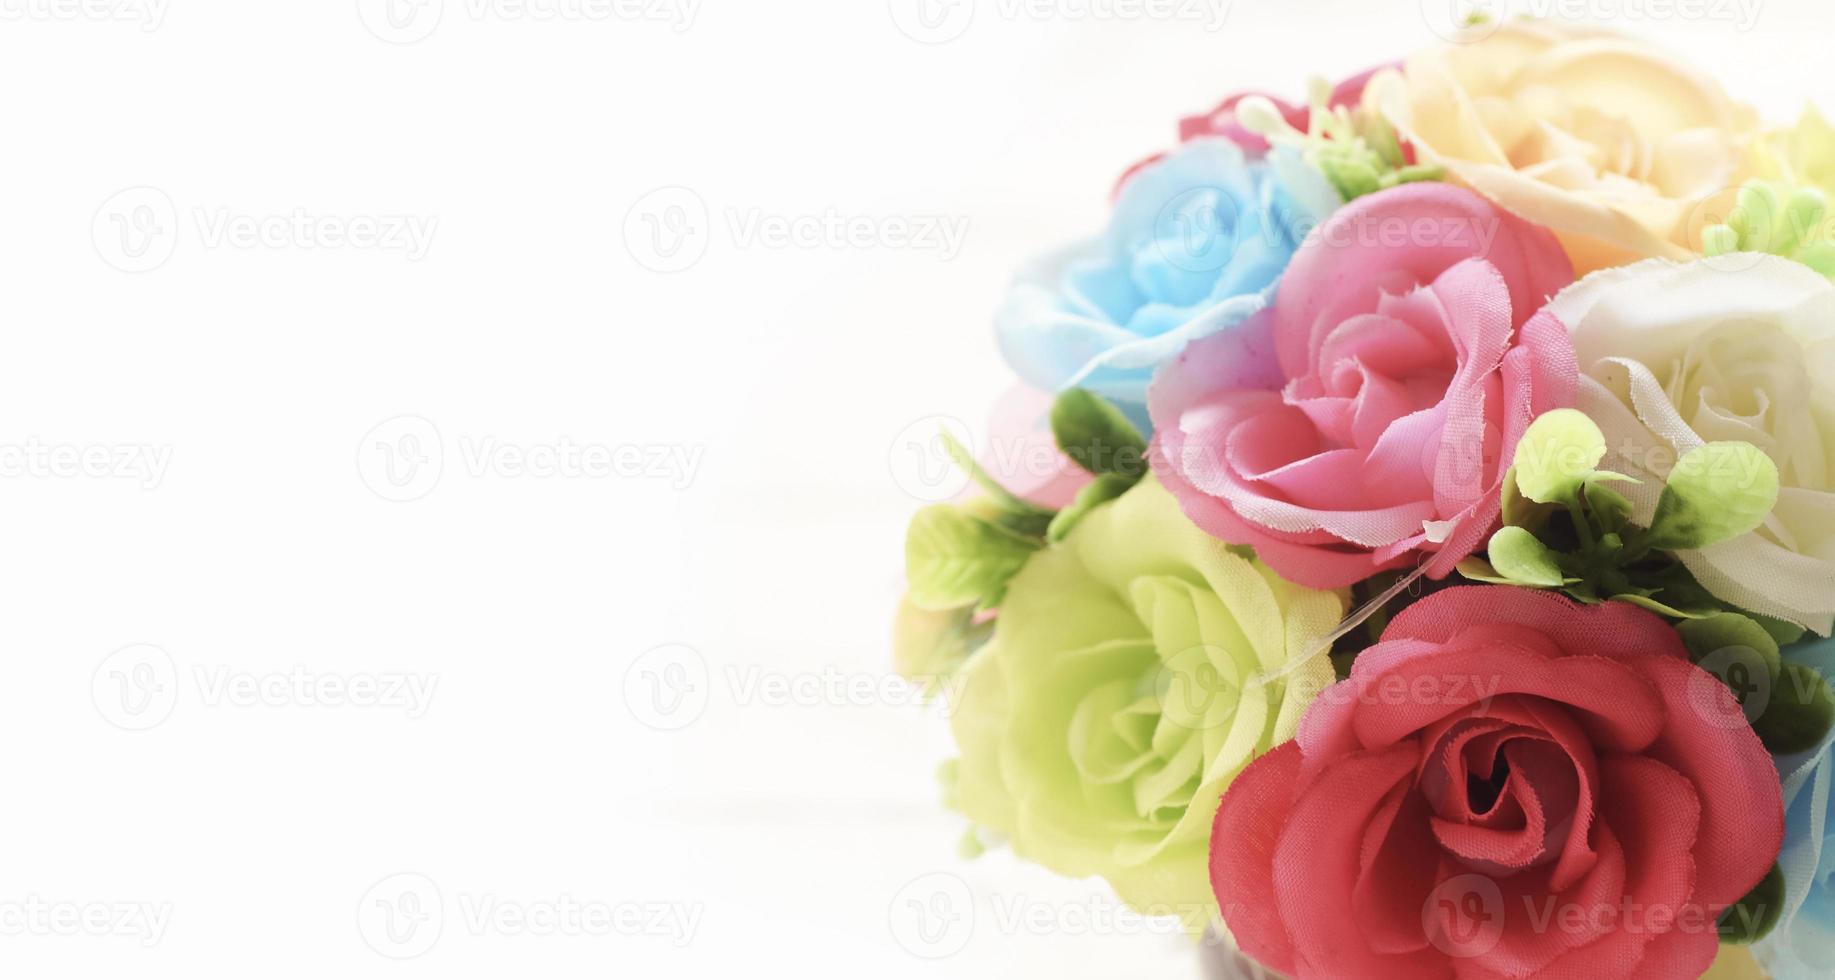 närbild steg konstgjorda blommor på vit bakgrund foto